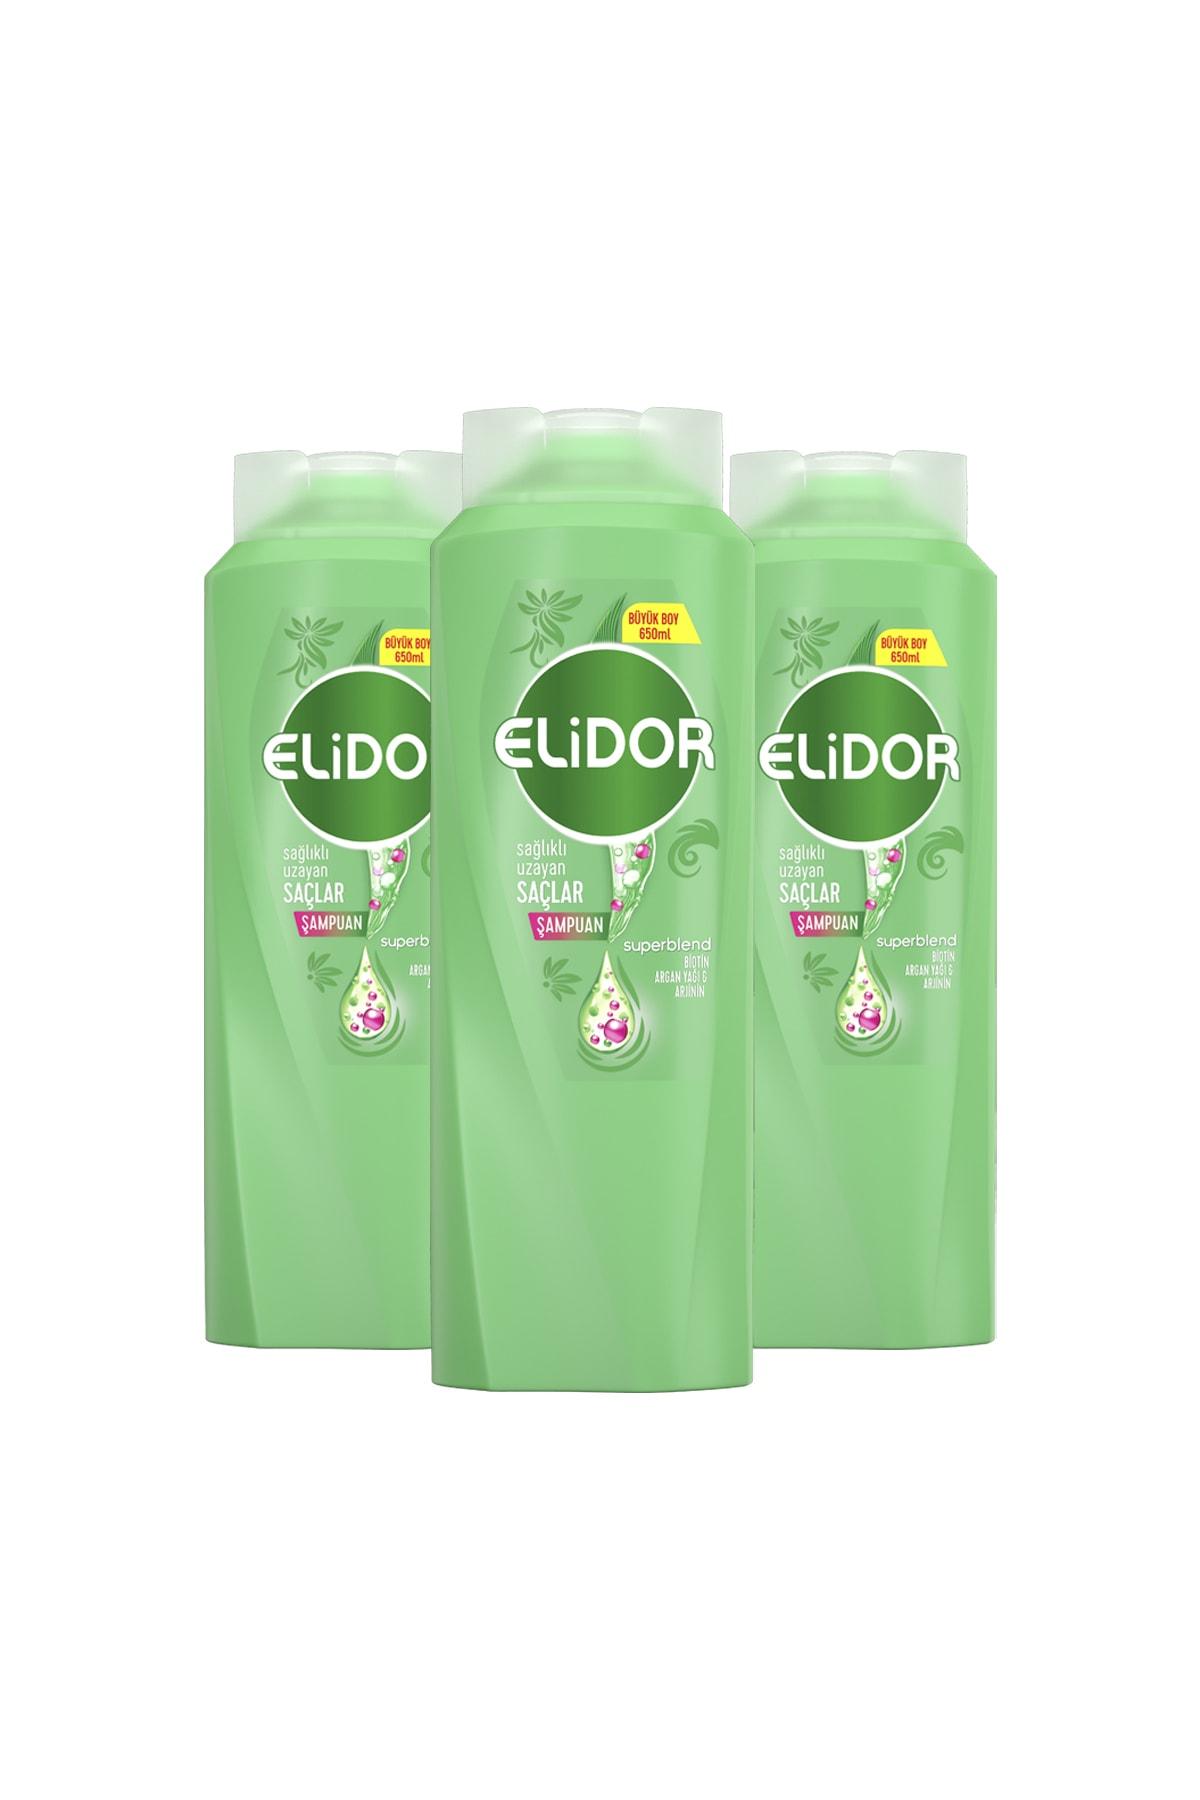 Elidor Sağlıklı Uzayan Saçlar Için Saç Bakım Şampuanı 650 ml X3 1